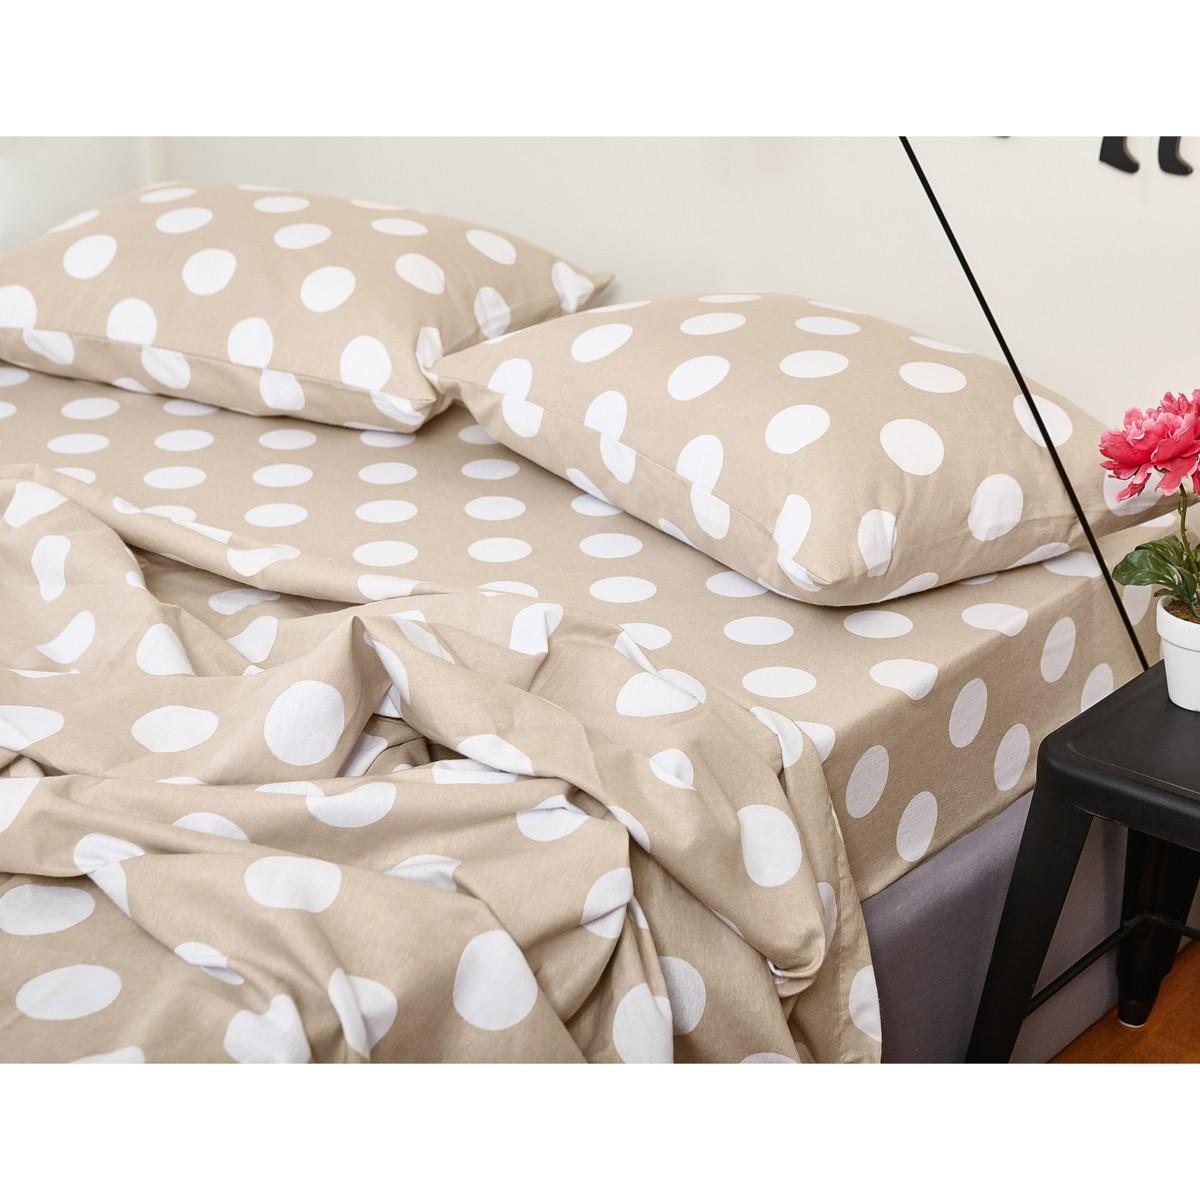 Φανελένια Σεντόνια Διπλά (Σετ) Melinen PolkaDot Beige home   κρεβατοκάμαρα   σεντόνια   σεντόνια ημίδιπλα   διπλά